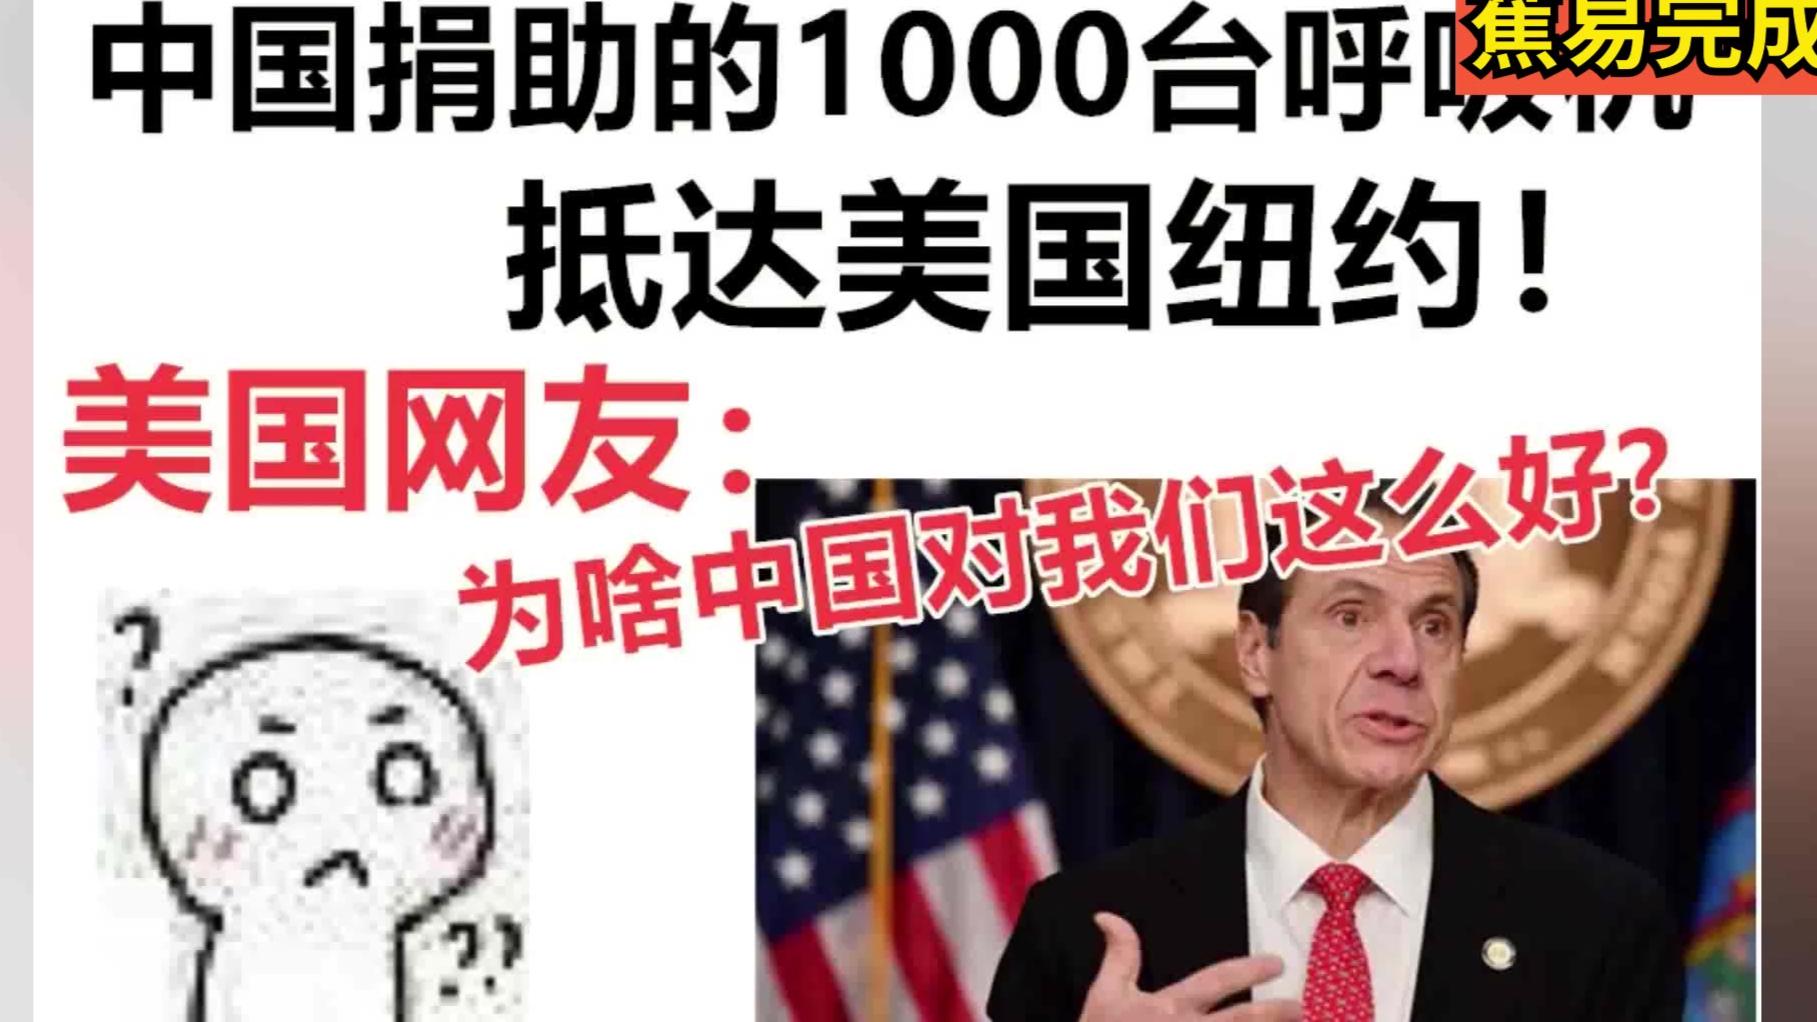 中国给美国捐了1000台呼吸机,美国网友:【为啥中国对美国这么好】?